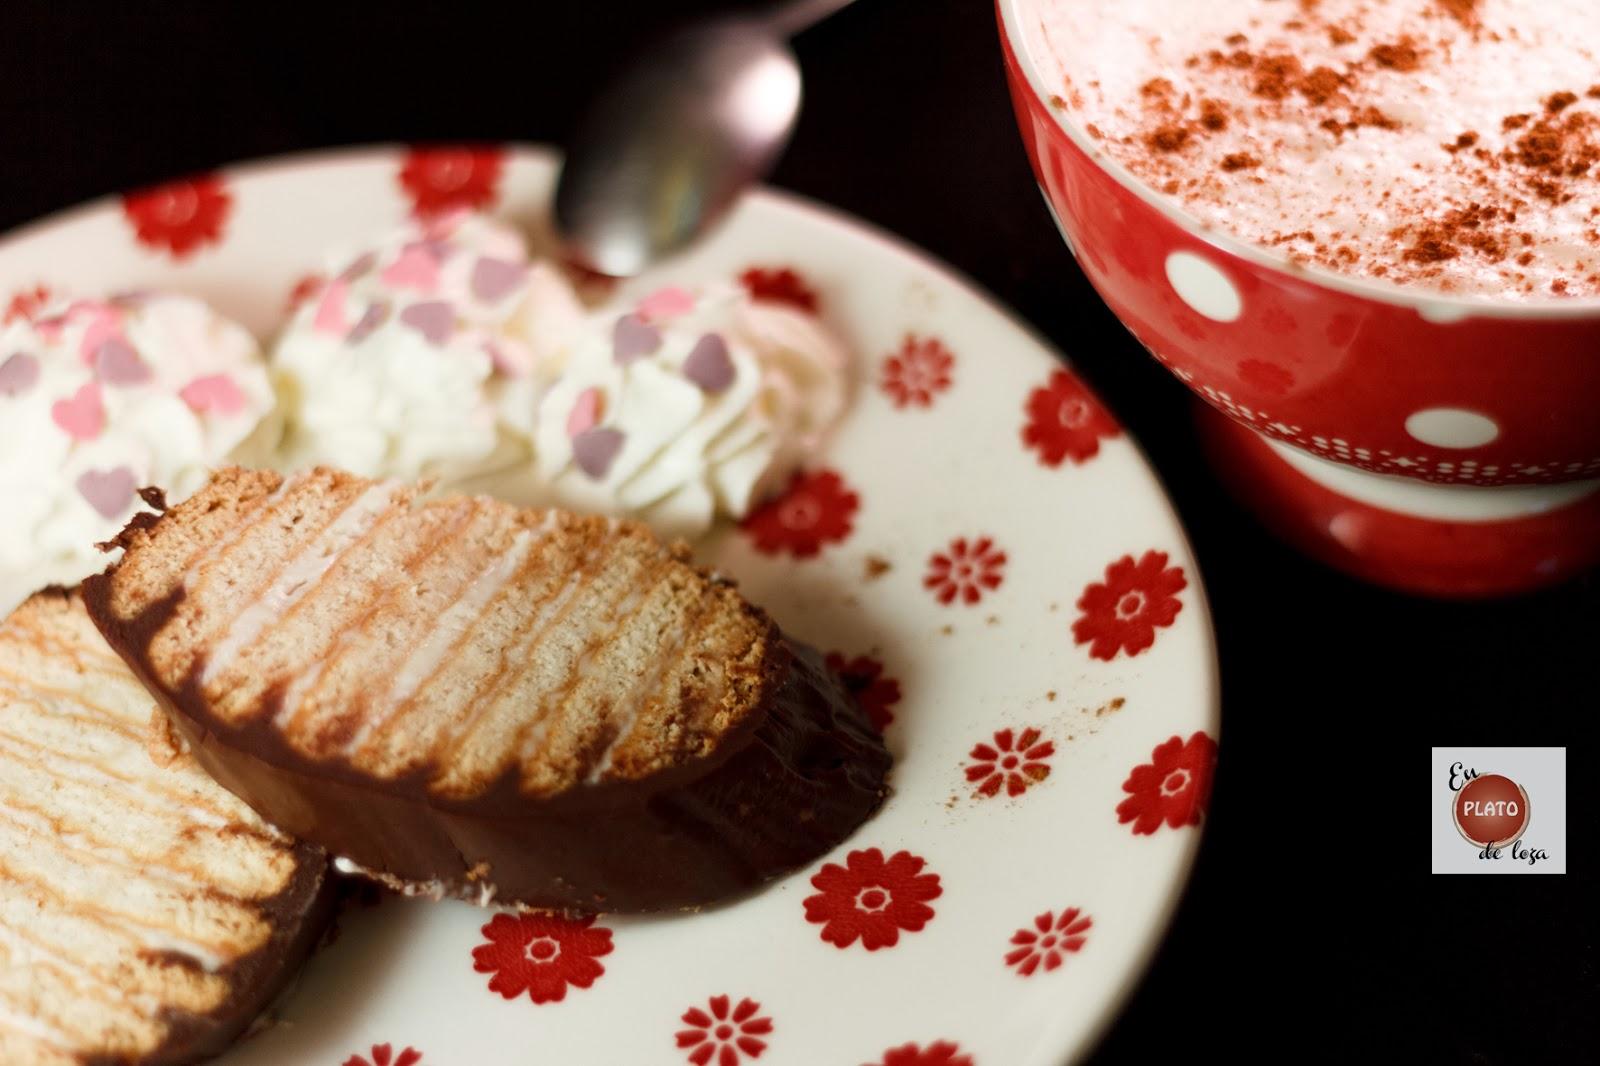 Tarta de galletas y dos chocolates versus Verrine de fresas y chocolate blanco